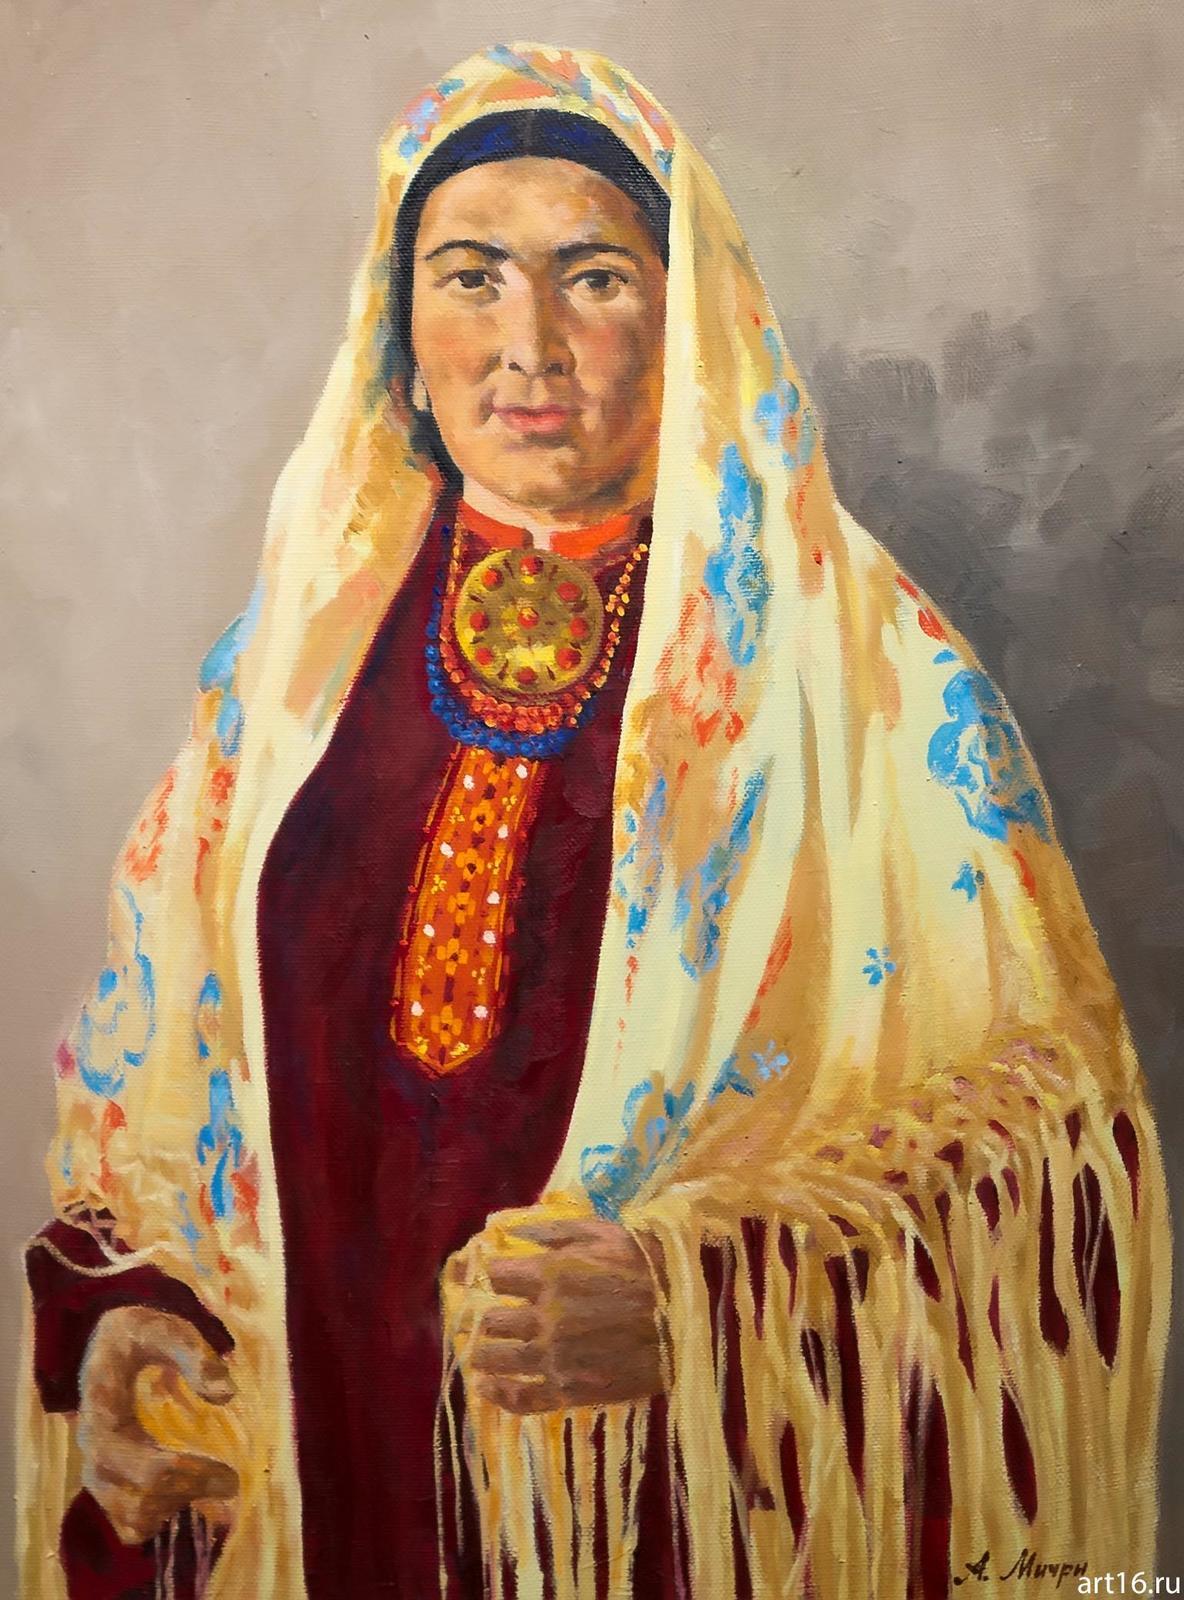 Фото №892986. Туркменка. Мичри А.И. 1934